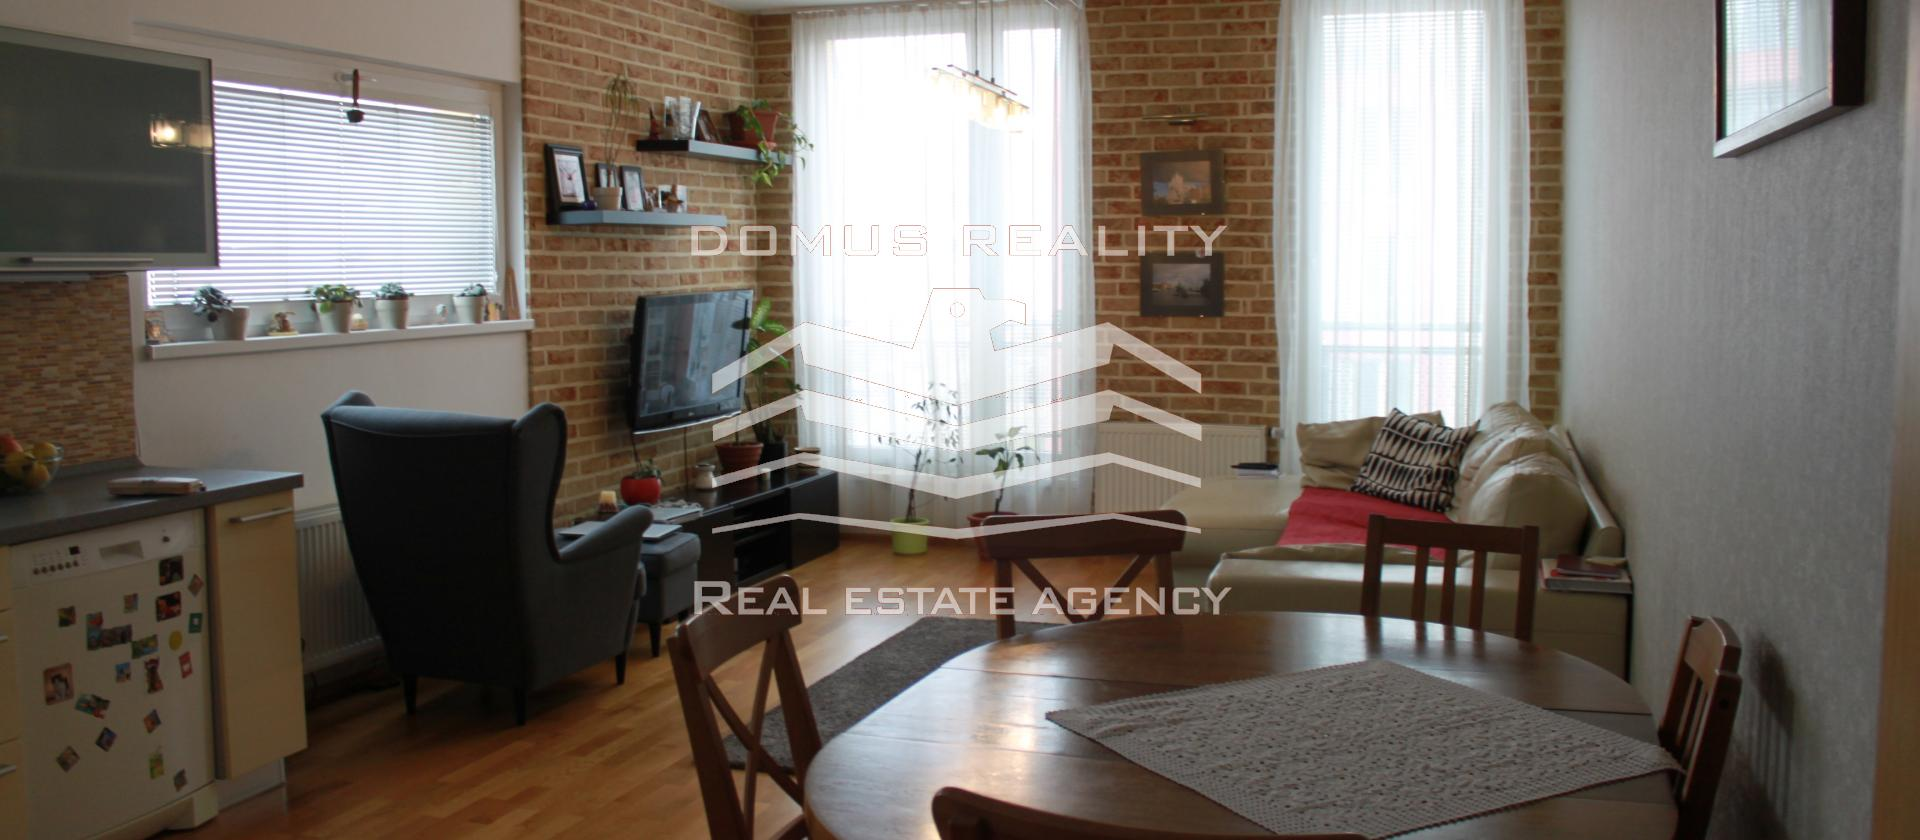 Exkluzivní nabídka krásného, prostorného bytu 4 + kk o ploše 100 m2